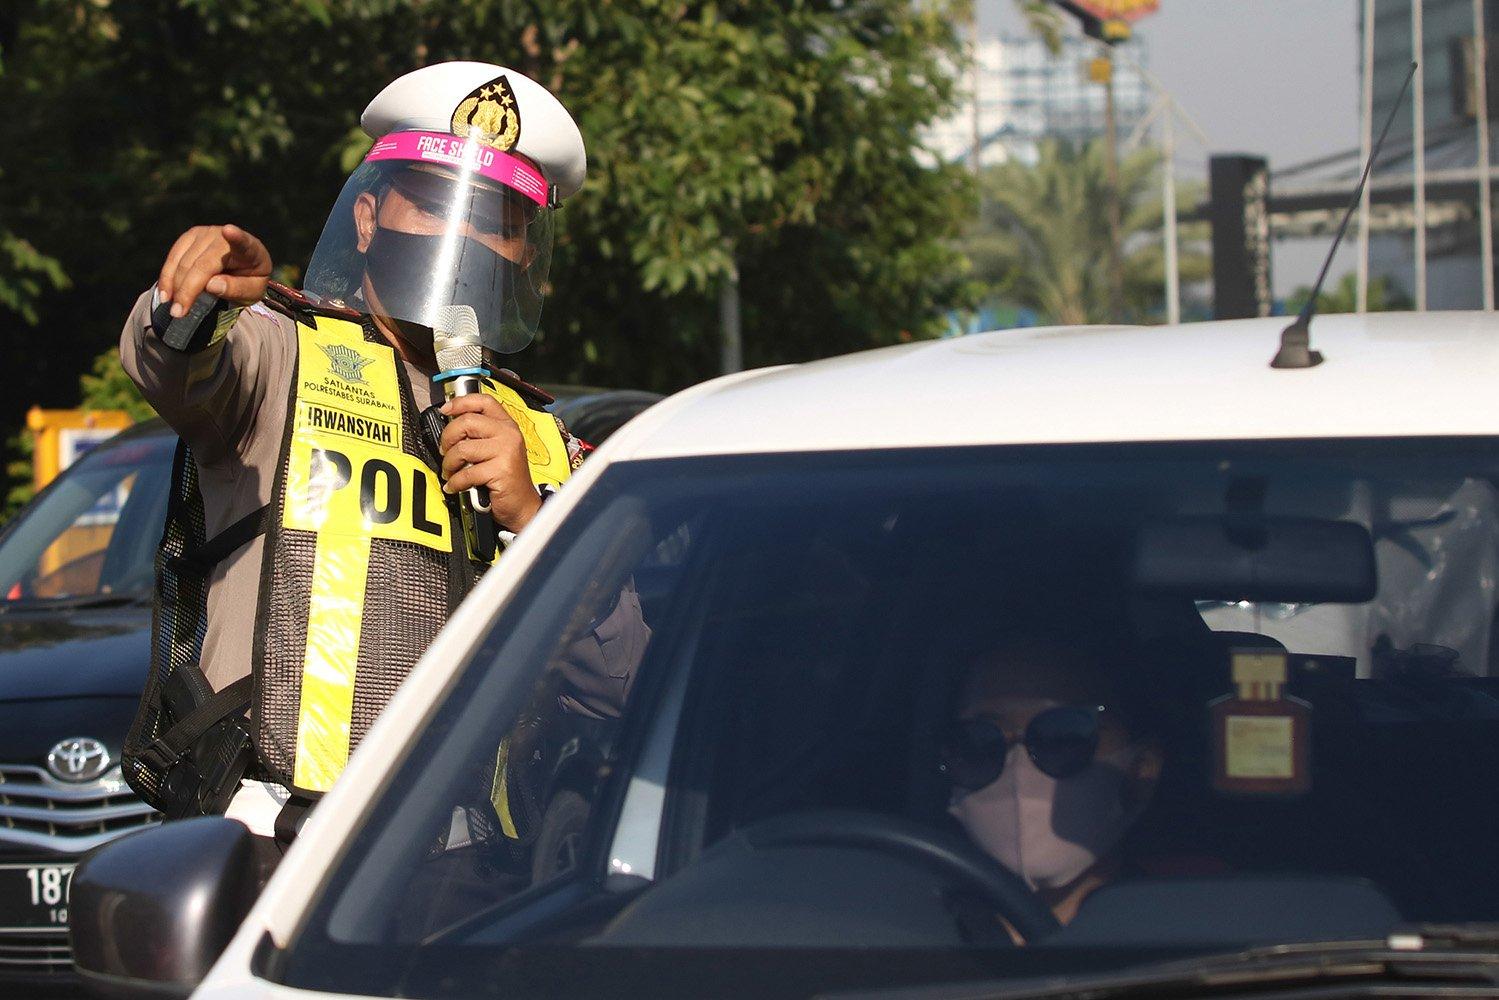 Polisi dengan menggunakan alat pelindung wajah melakukan penyekatan saat Pembatasan Sosial Berskala Besar (PSBB) Tahap III di Bundaran Waru, Surabaya, Jawa Timur.